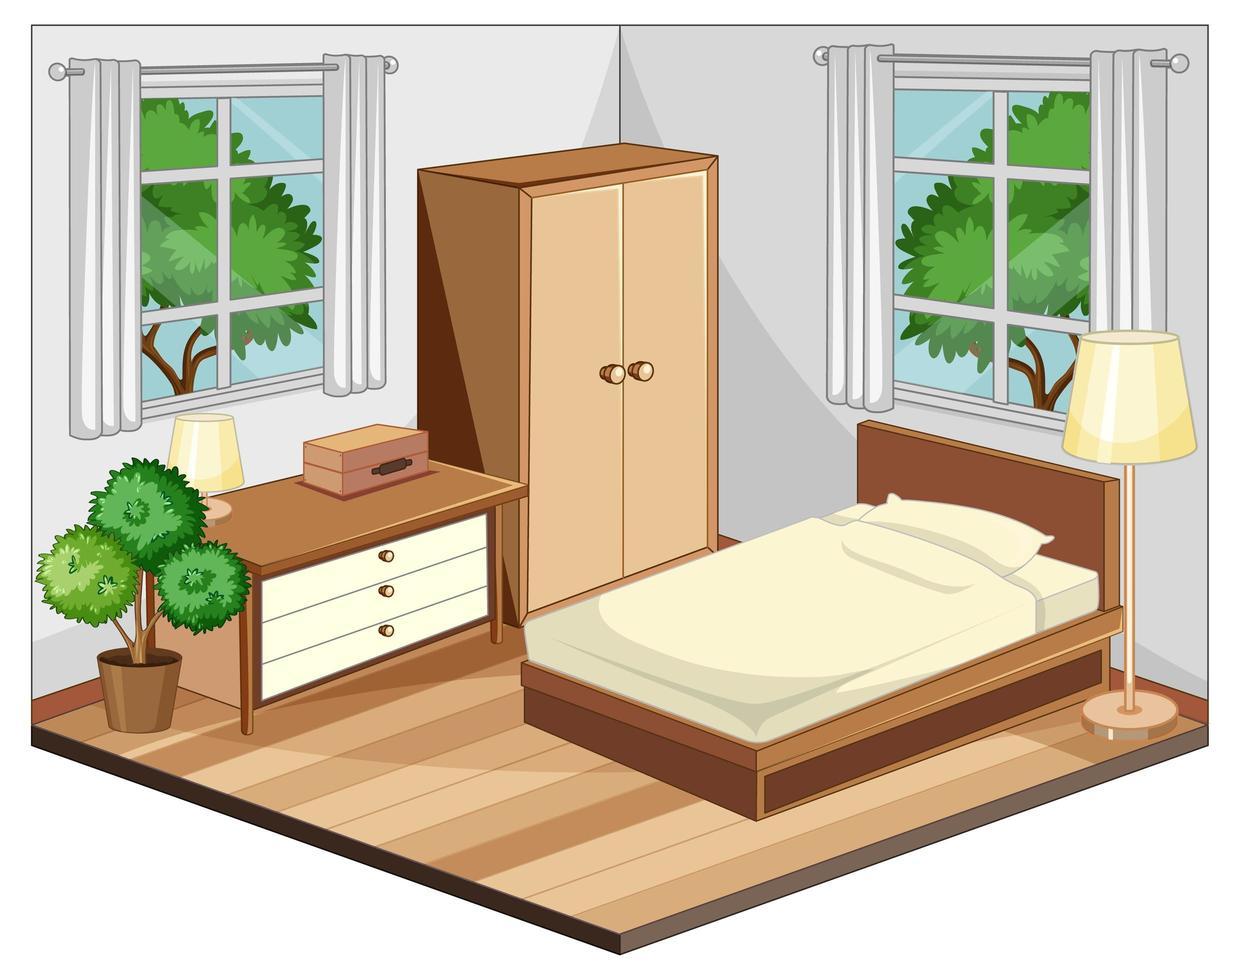 interno camera da letto con mobili in tema beige vettore